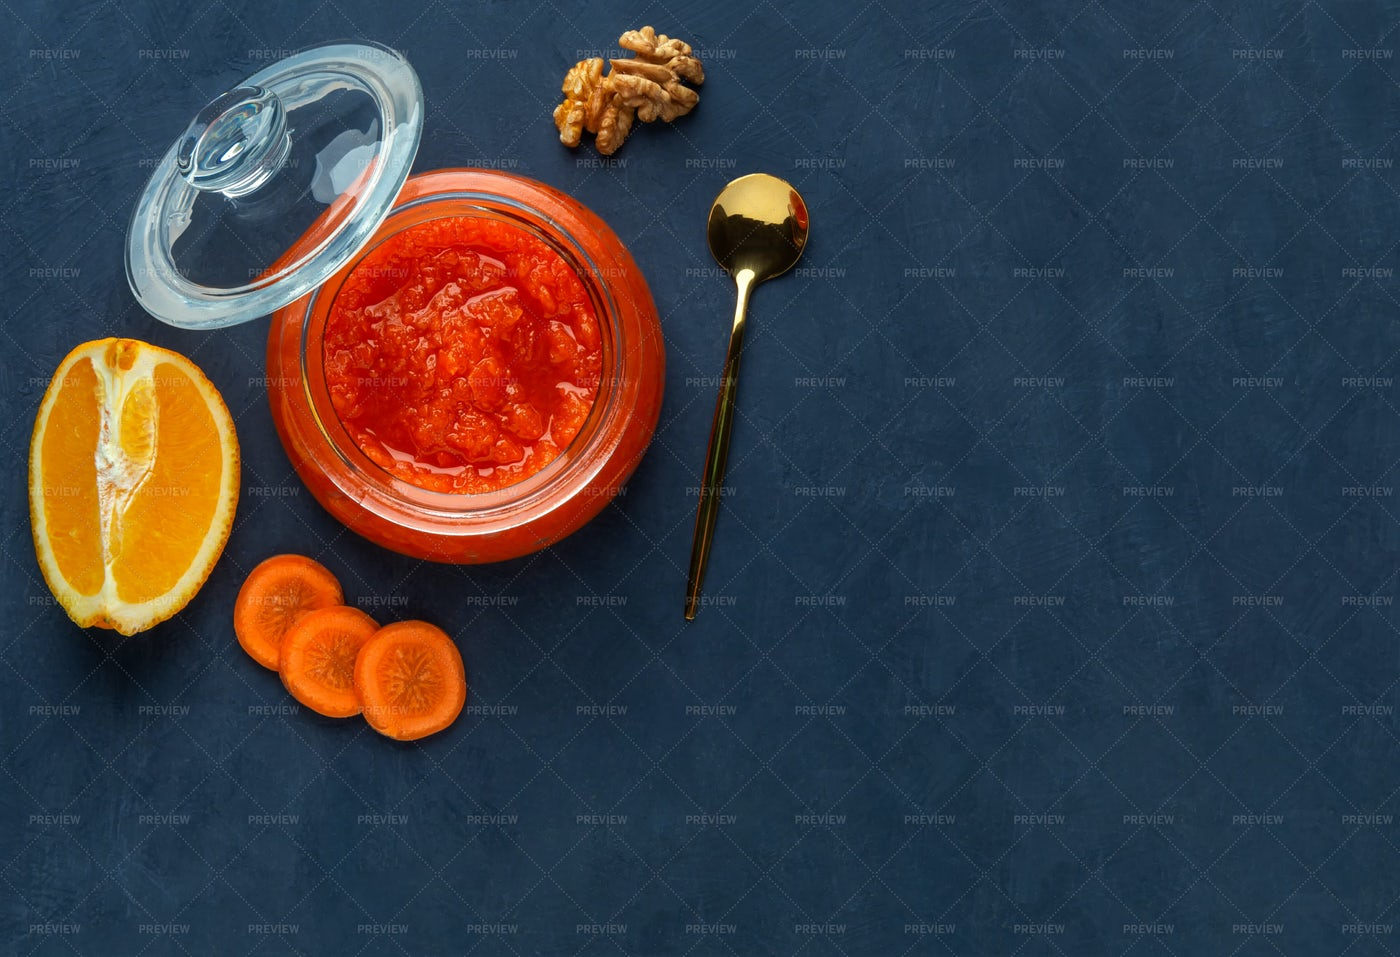 Carrot Jam In A Jar: Stock Photos